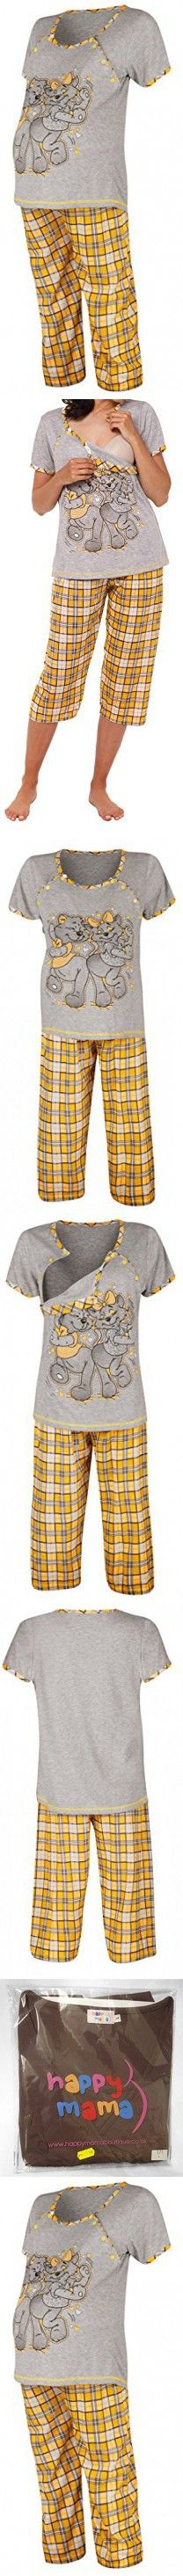 Happy Mama. Womens Maternity Top Nursing Breastfeeding Pyjamas Nightwear. 191p (Yellow, US 4/6, M)